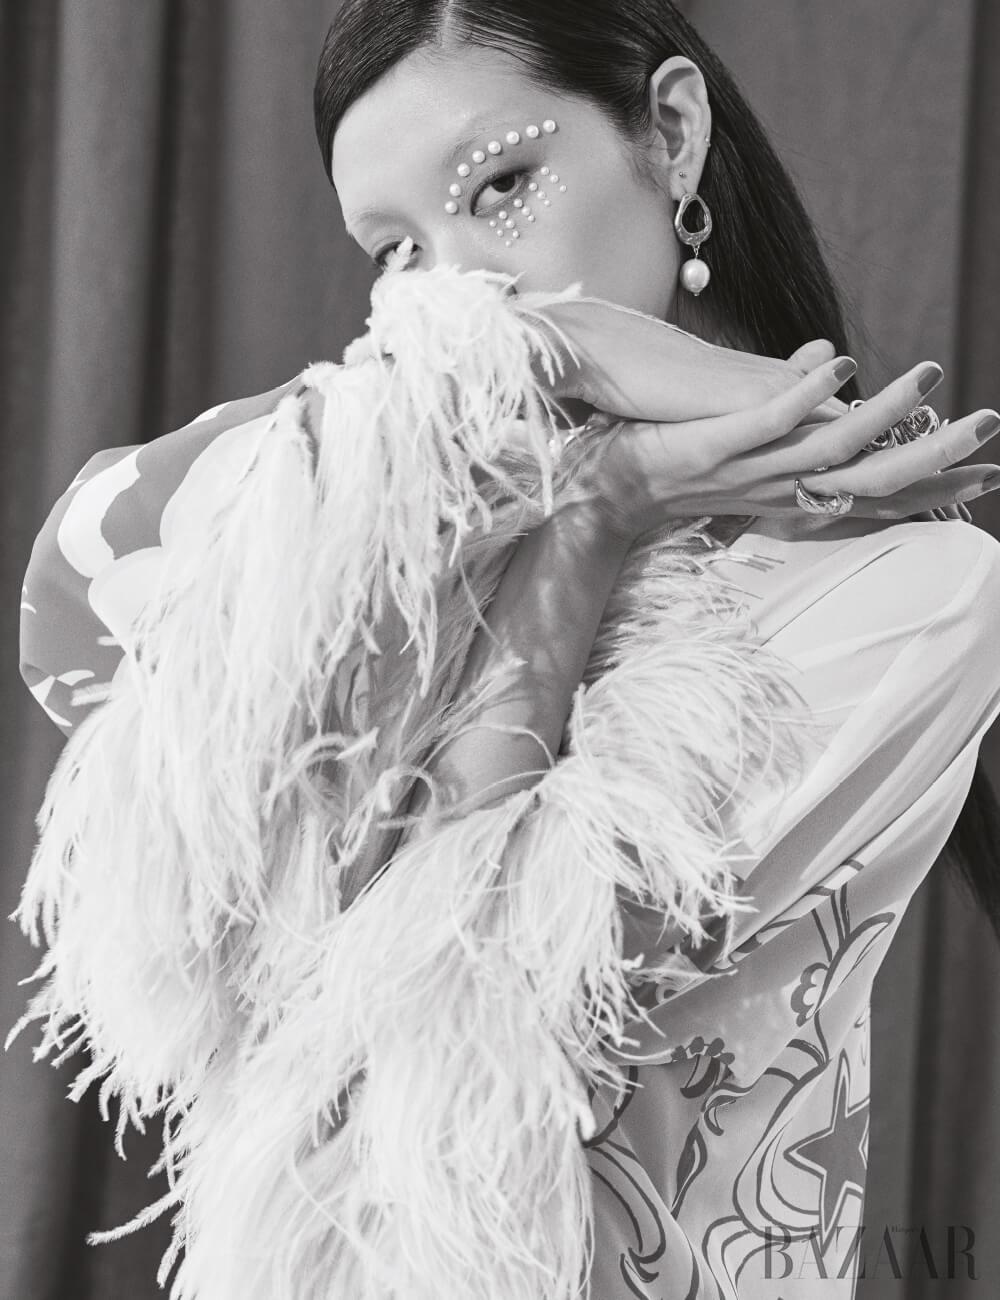 드레스는 7백1만원 Valentino, 귀고리는 63만원 Alighieri by Mue, 오른손에 착용한 너클링은 59만원 Chloé, 왼손 중지에 착용한 반지는 Givenchy.